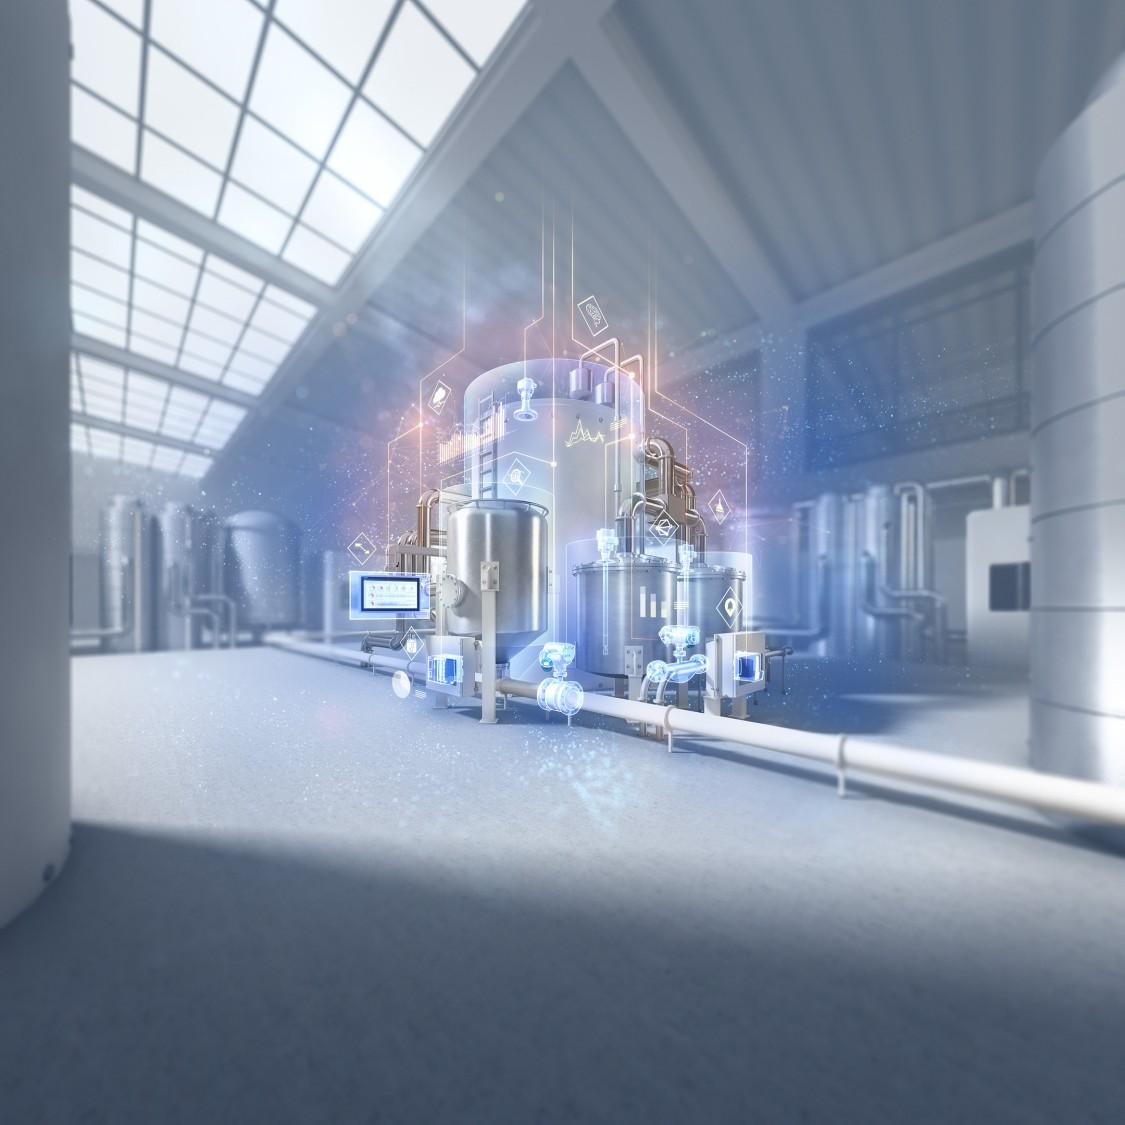 Industrial Edge für Anlagen der Prozessindustrie ebnet den Weg zu autonomem Asset Management und Prozessoptimierung